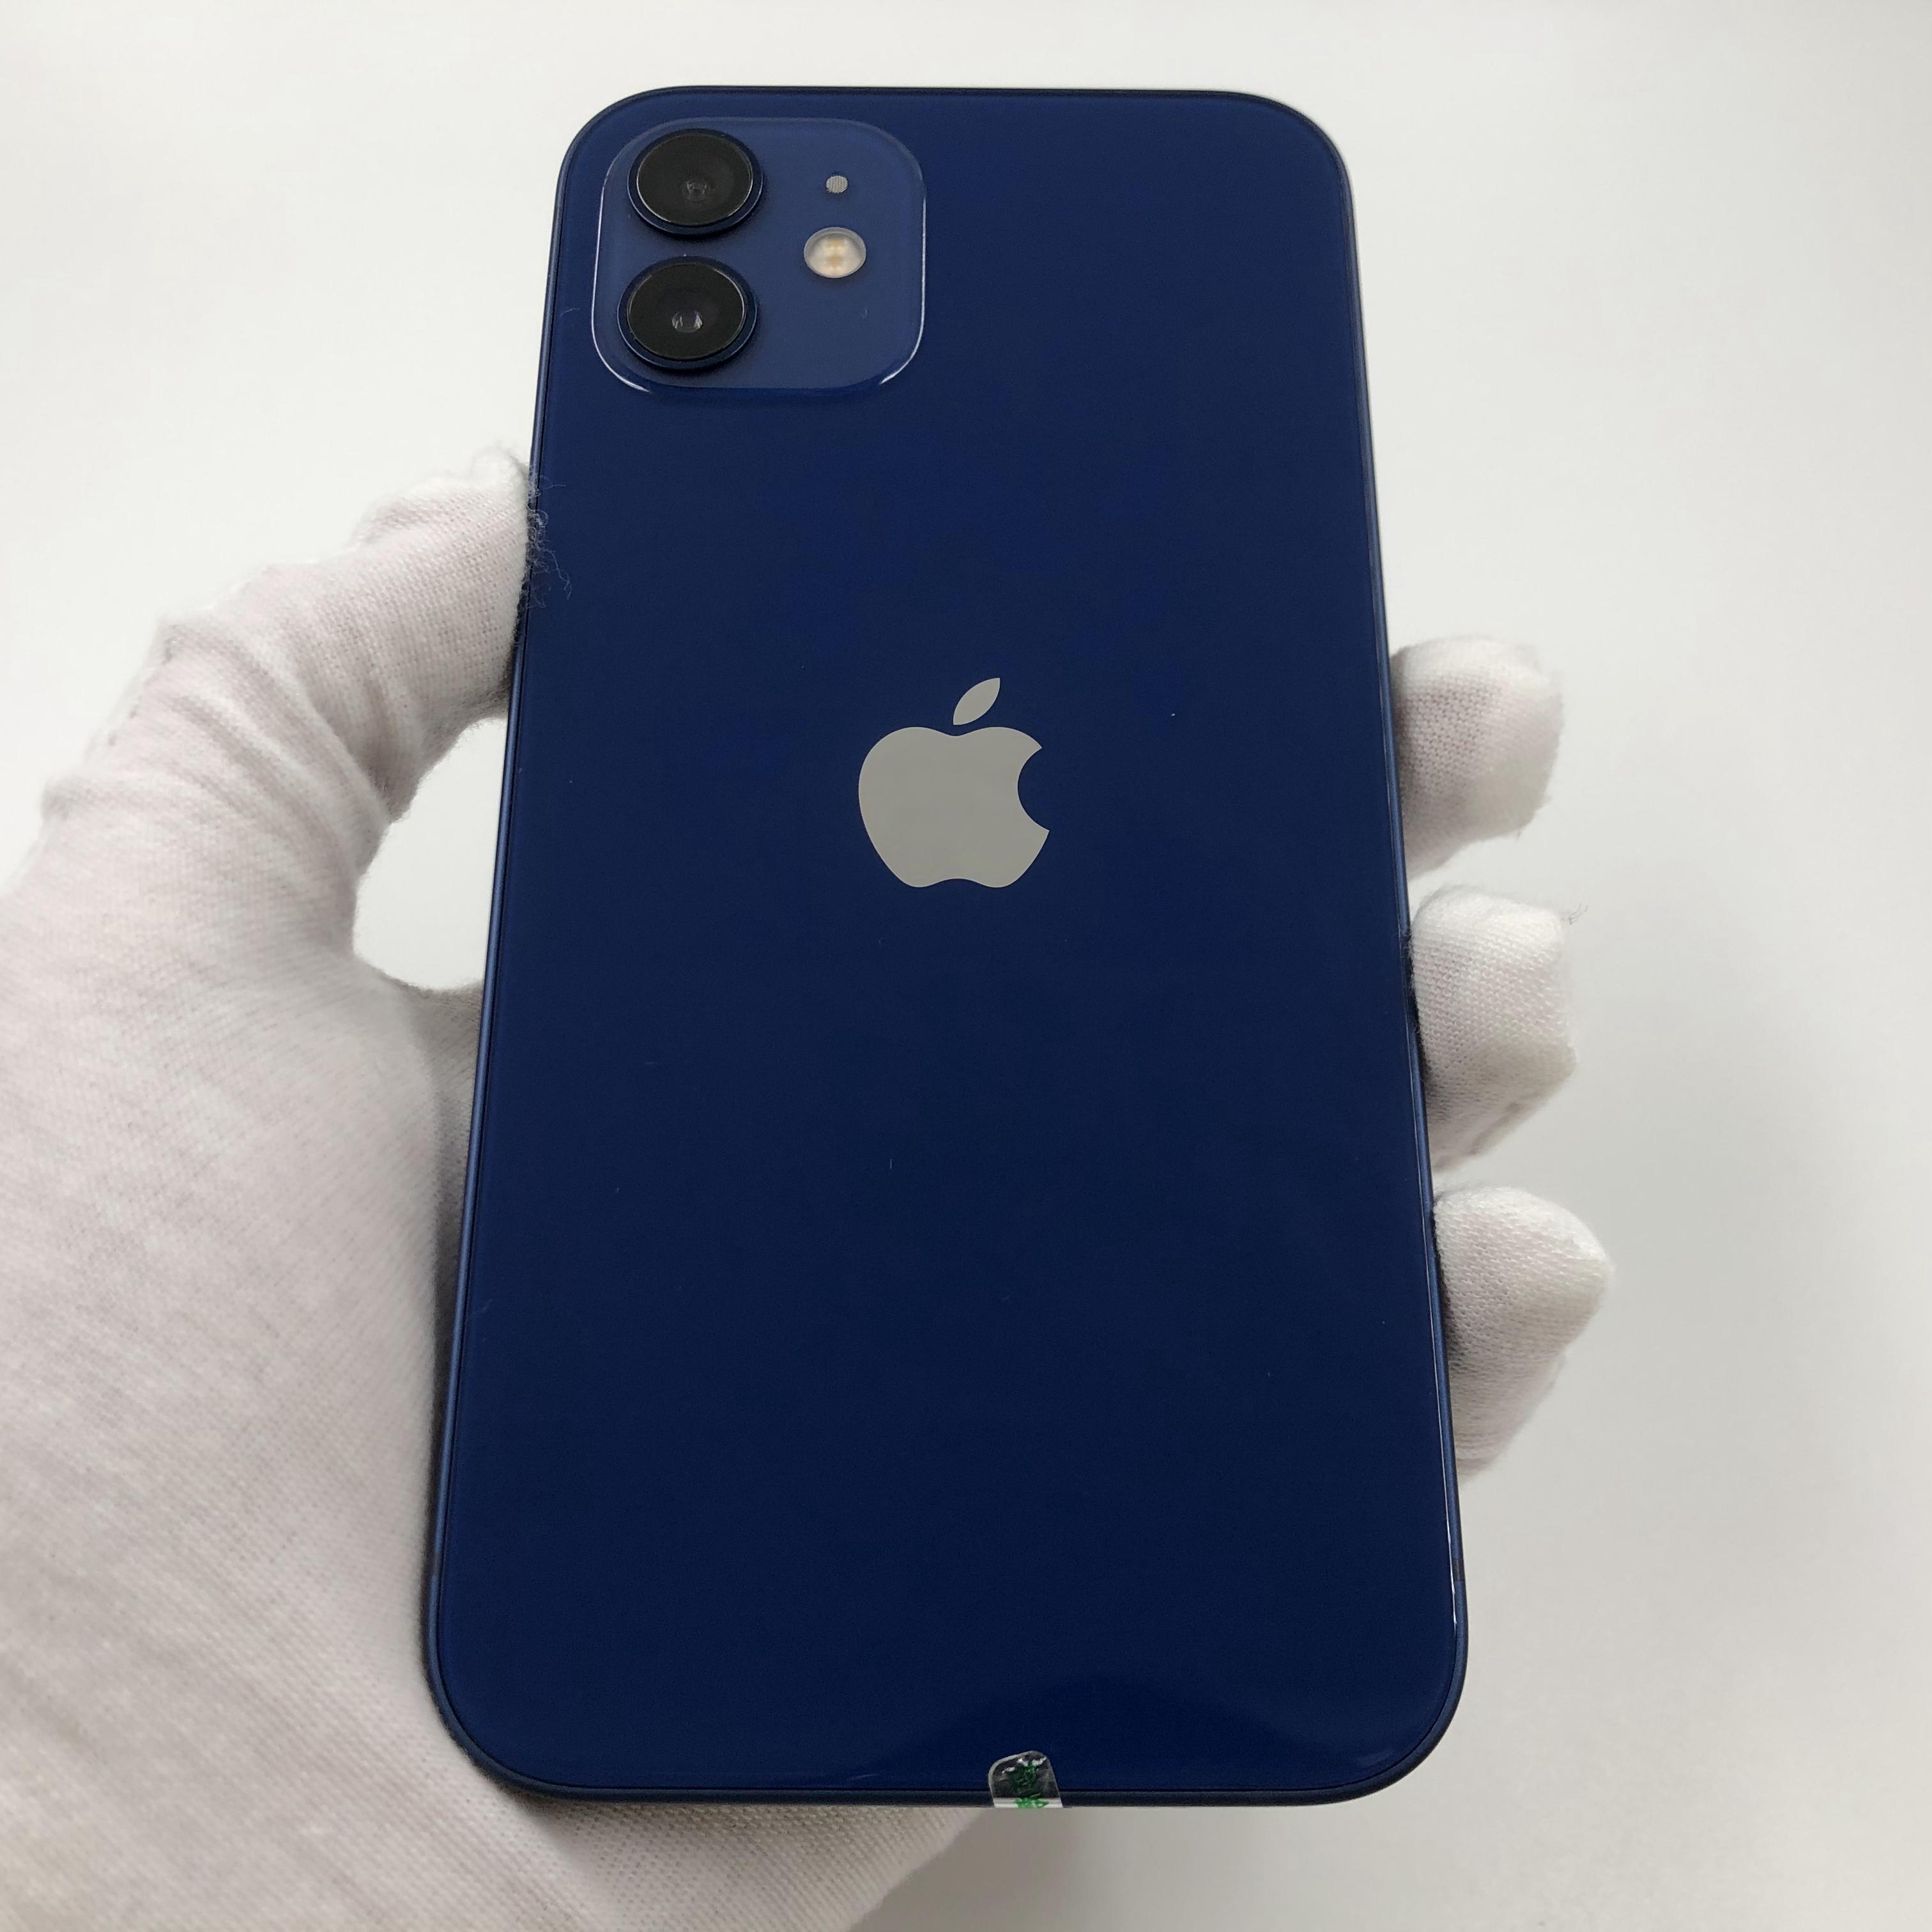 苹果【iPhone 12】5G全网通 蓝色 128G 国行 95新 真机实拍官保2021-11-02